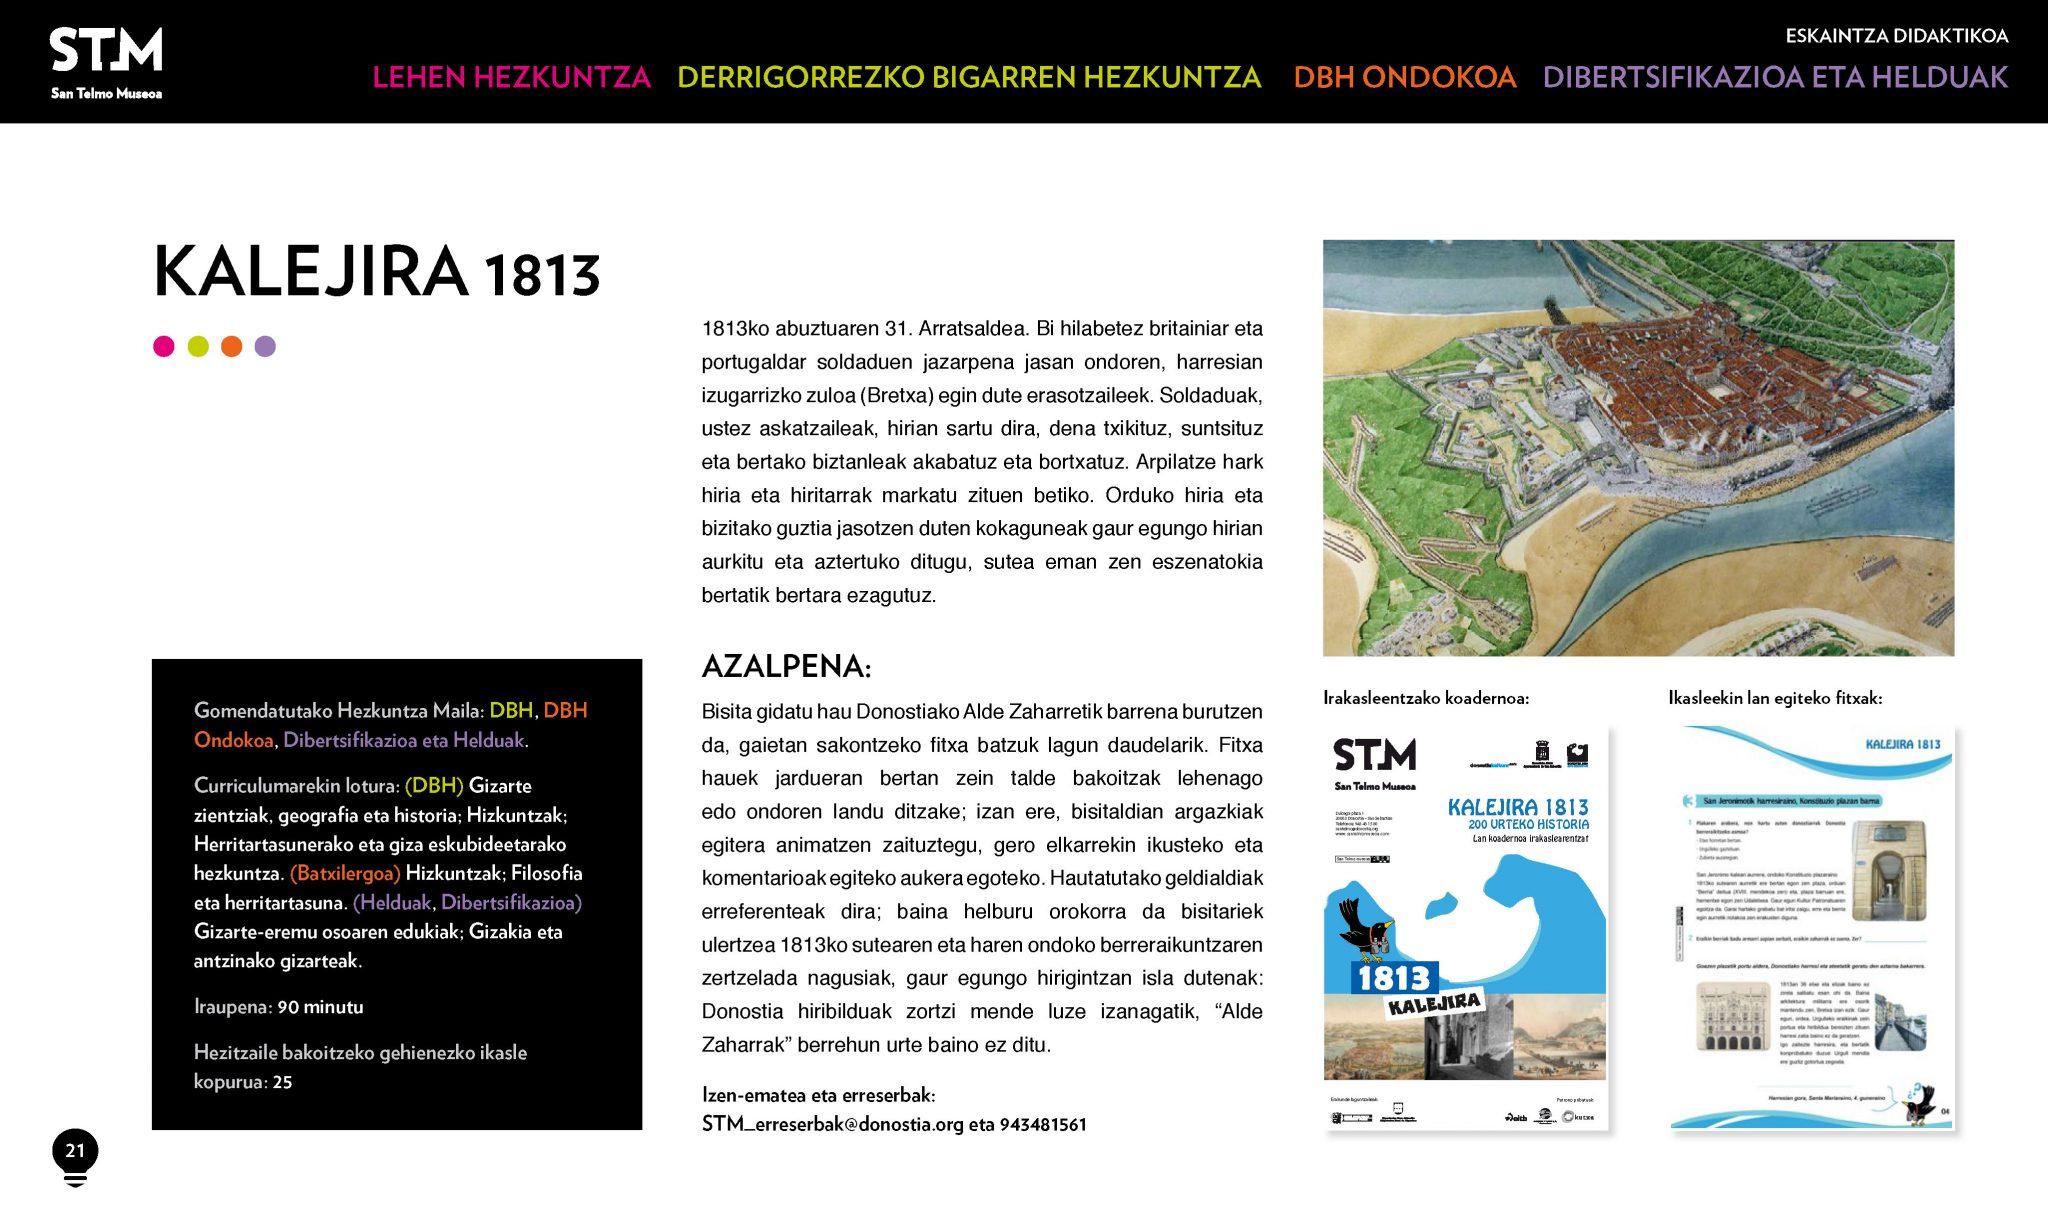 katalogo_programak_V6_Página_21